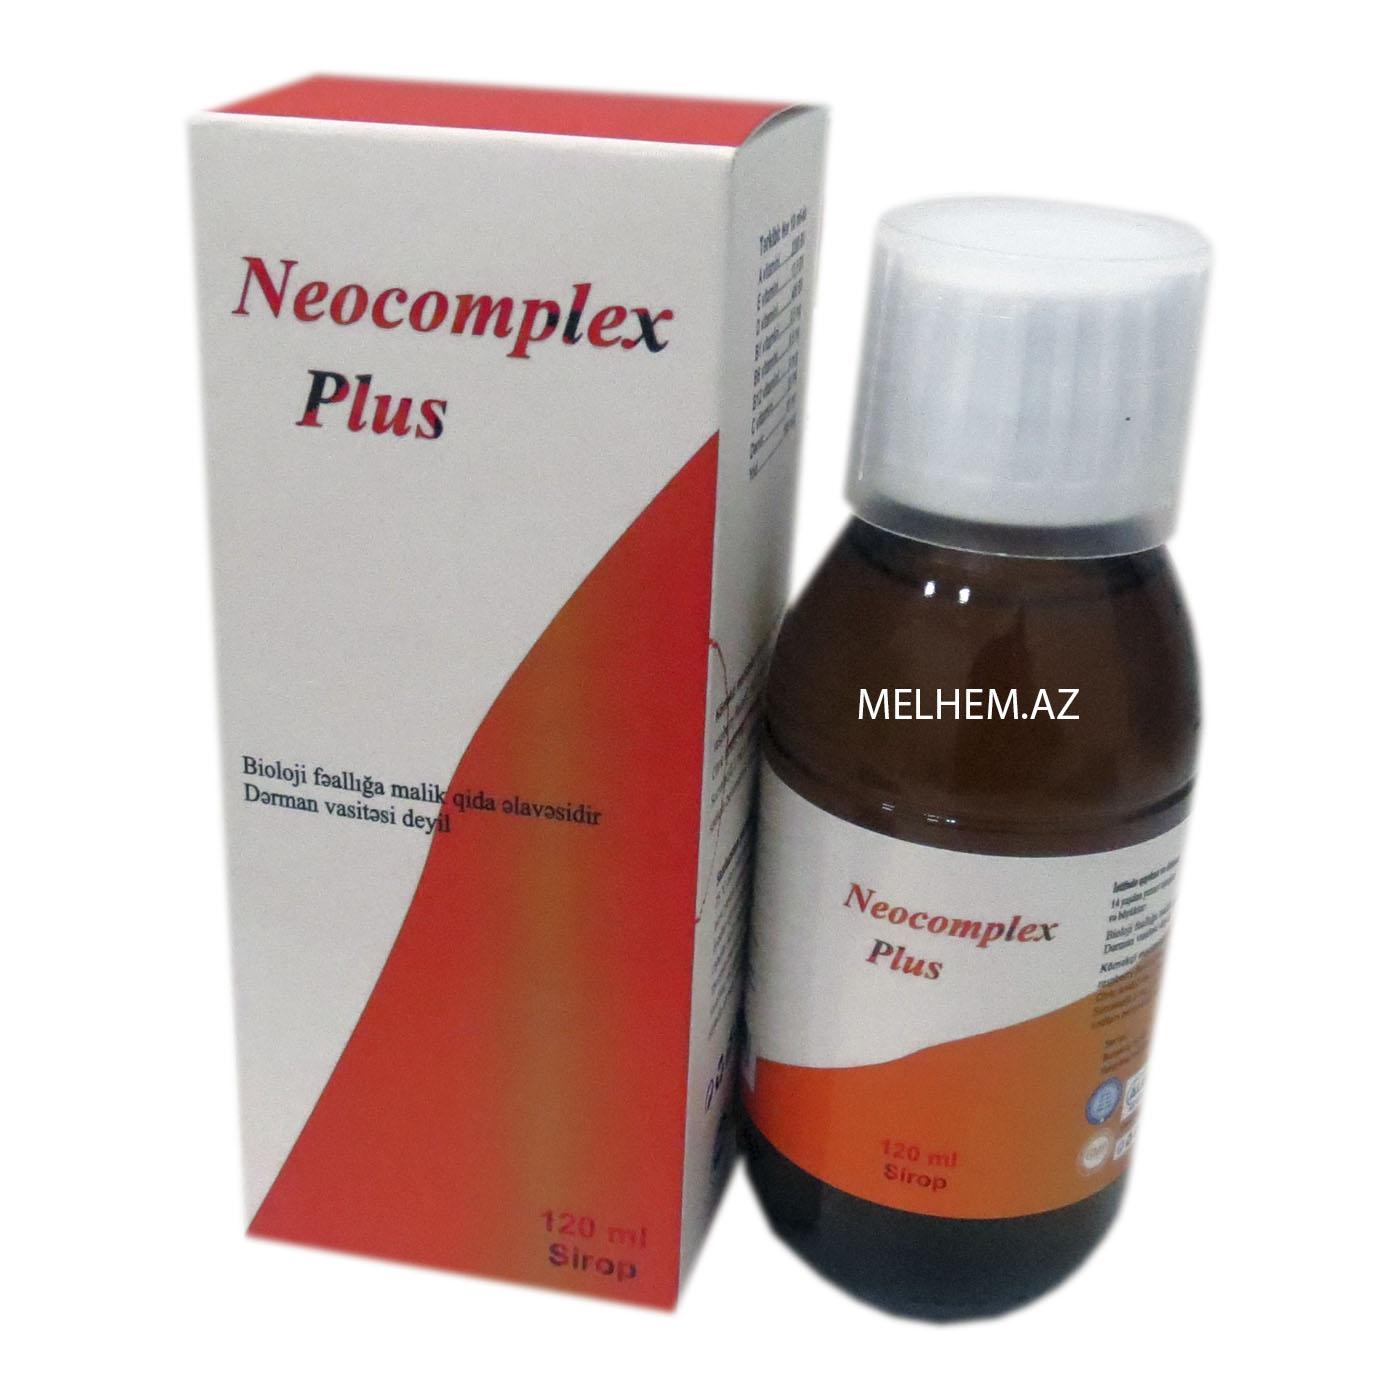 NEOCOMPLEX PLUS